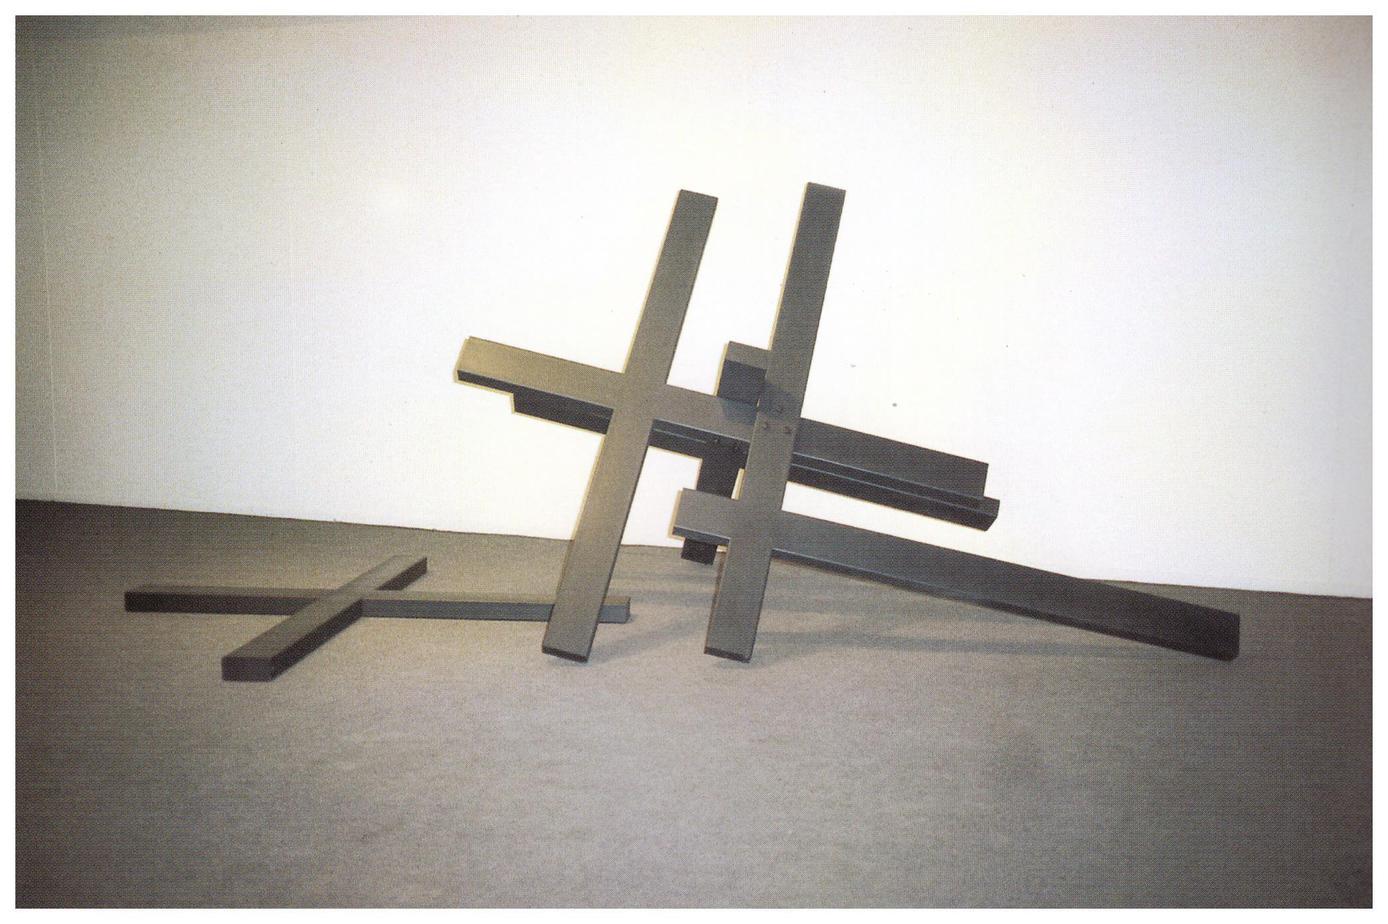 Σταυροί, Σίδηρος, 1995, 200 x 200 x 500 εκ. (διαστάσεις μεταβλητές)